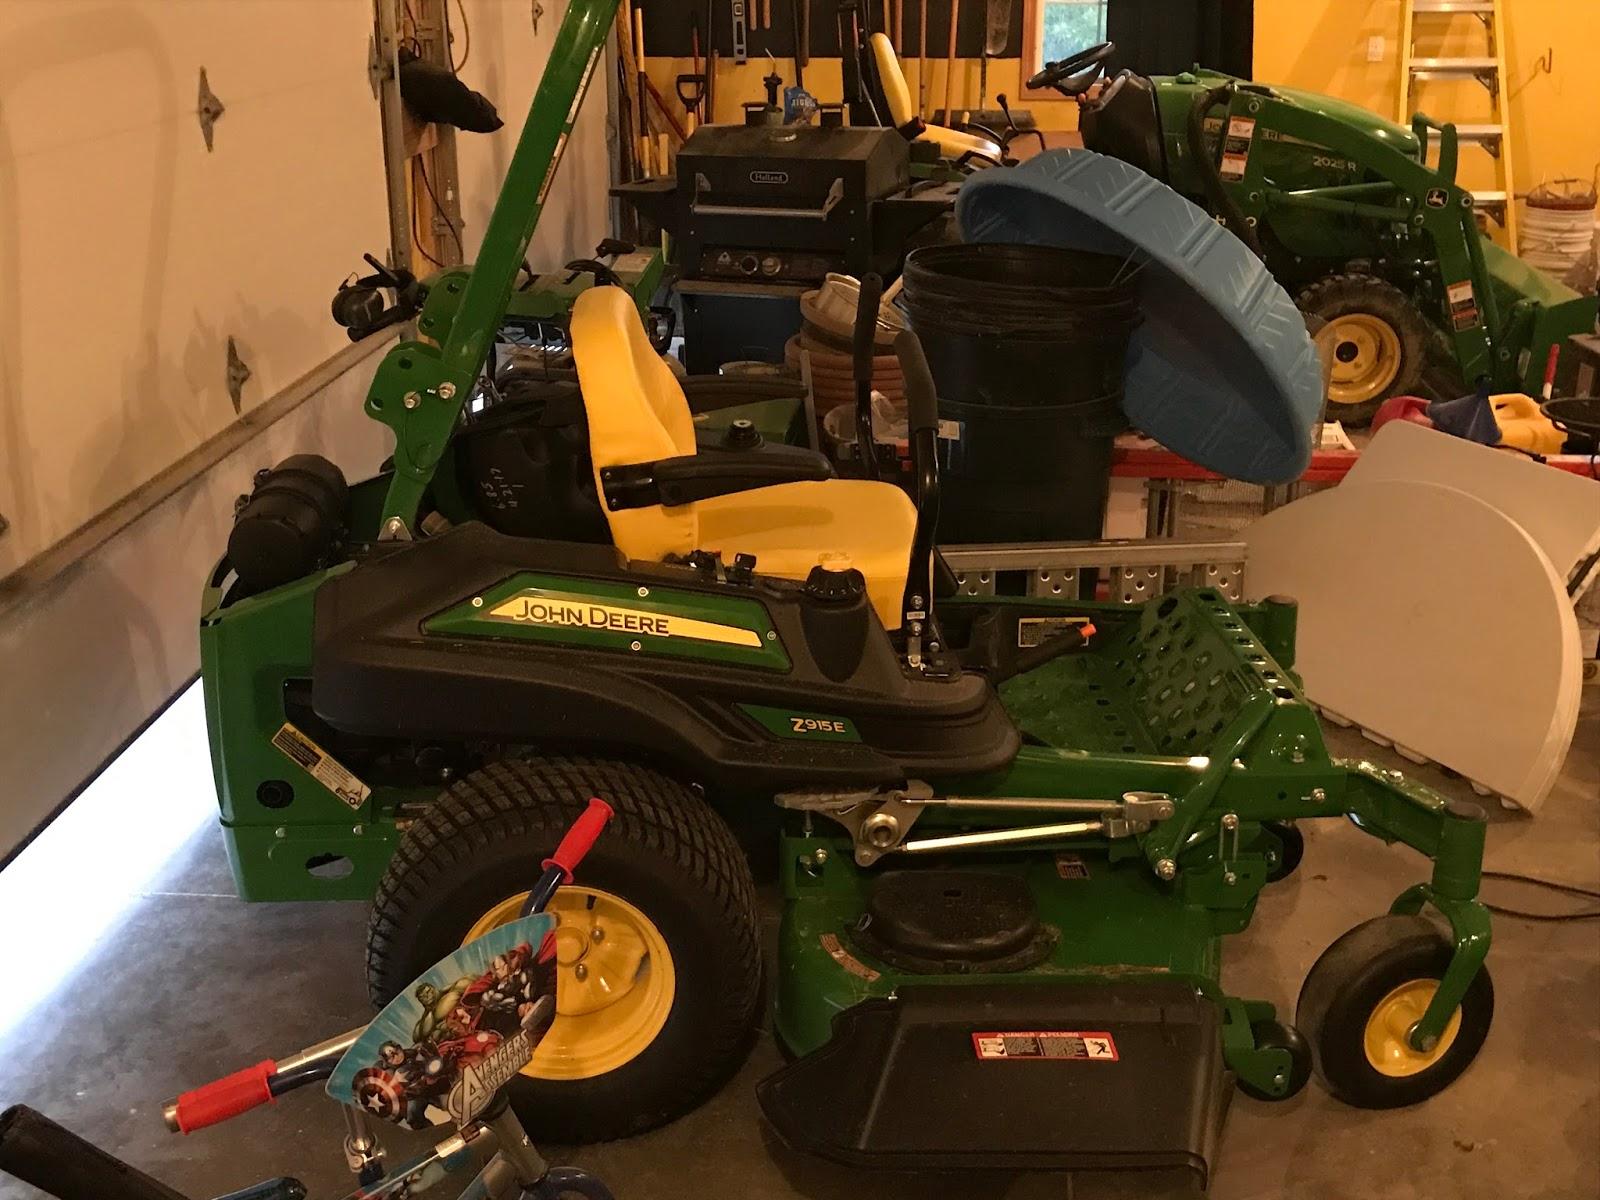 First Maintenance on John Deere Z915e - Woodward Acres: Tree Farm ...